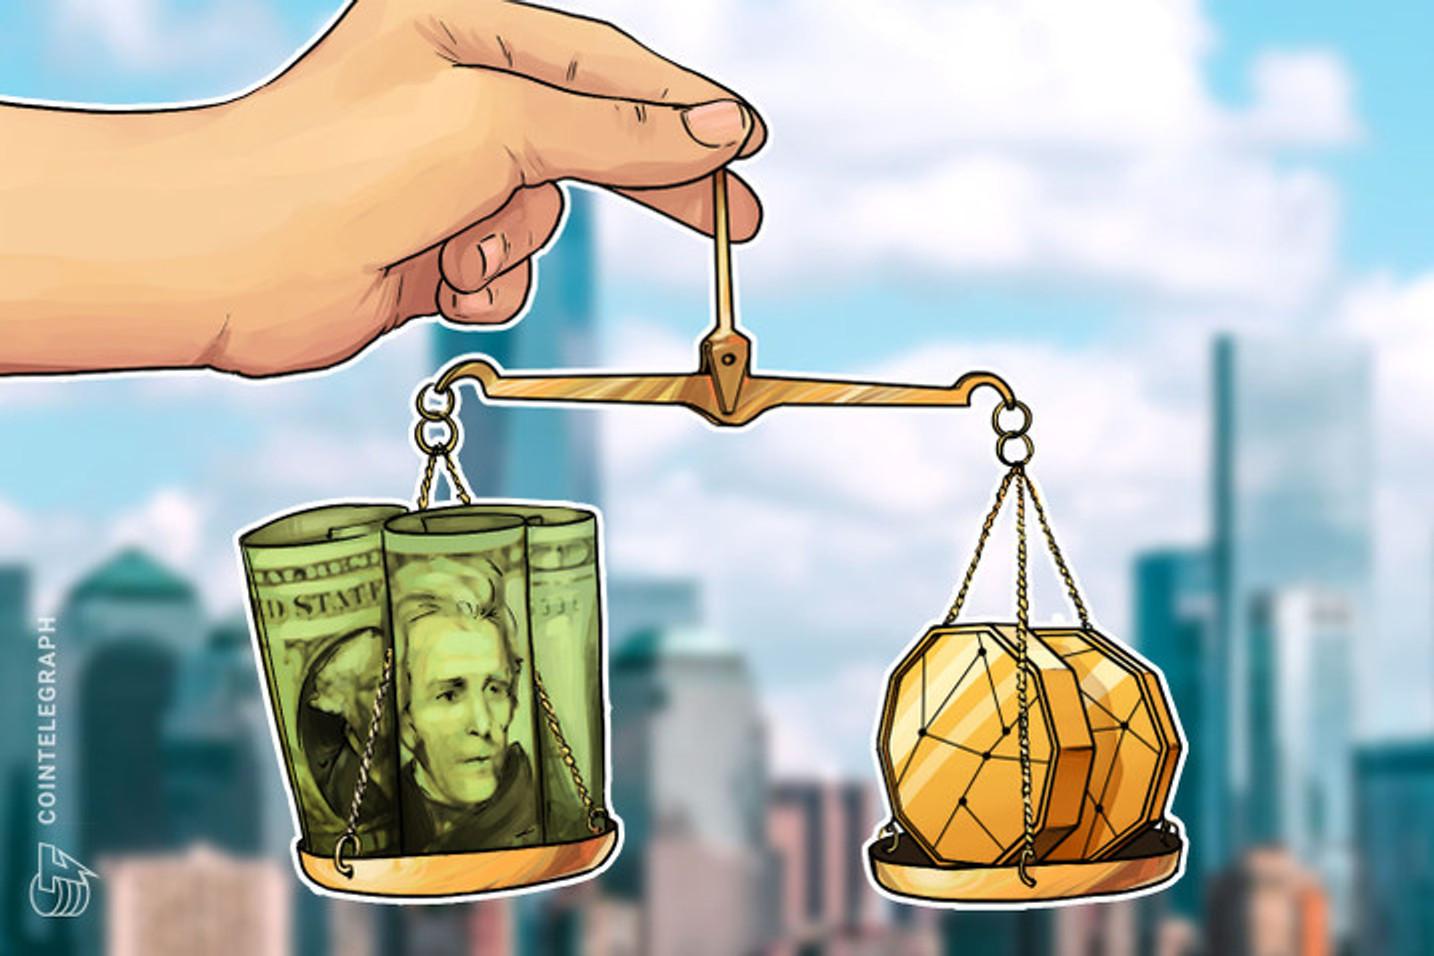 Ante más restricciones para la compra de dólares, SatoshiTango ofrece alternativas en Argentina